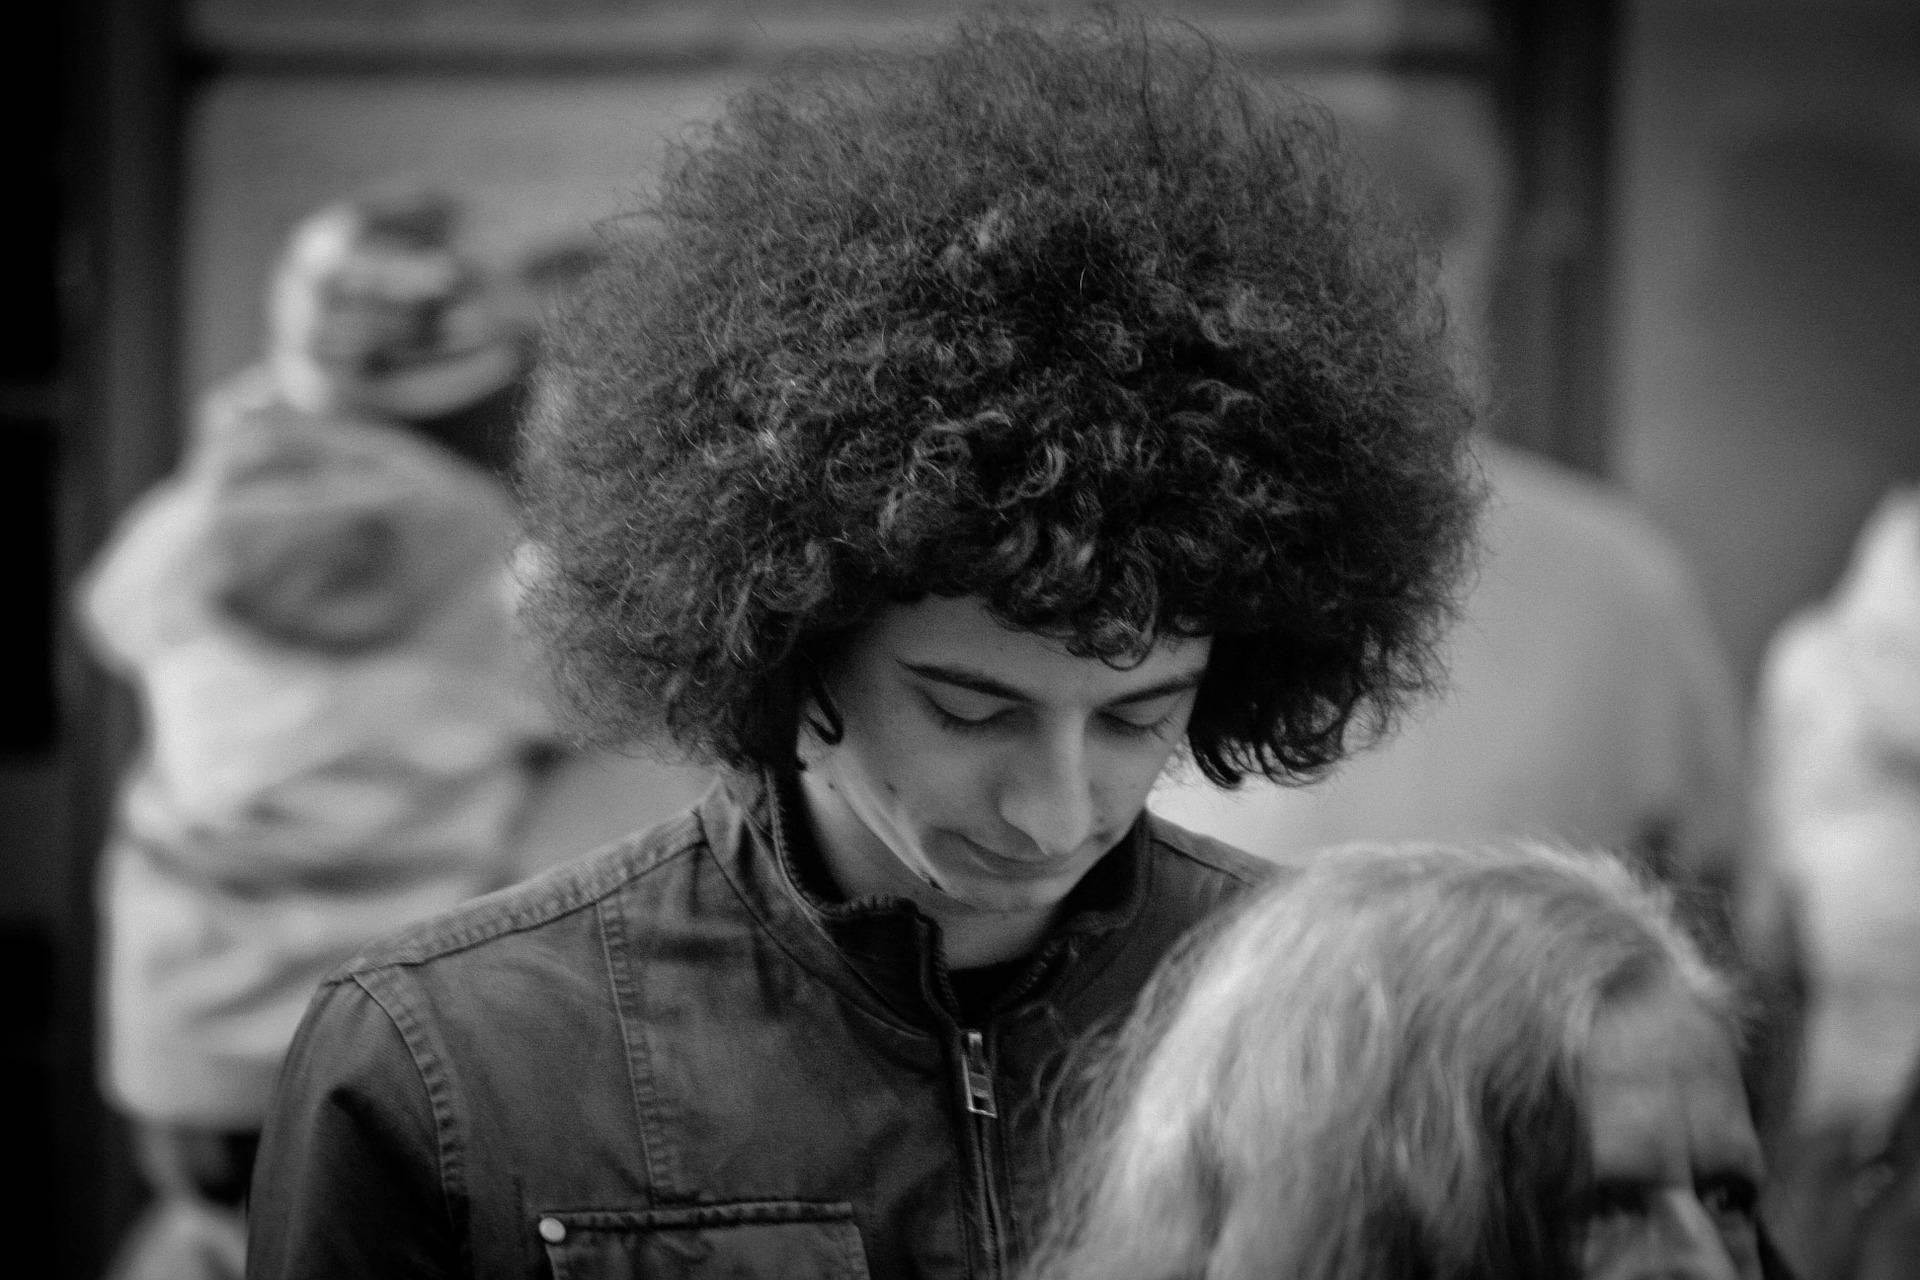 budapest 710256 1920 - Tipos de cabelo masculino: descubra qual é o seu e quais os cuidados e cortes ideais